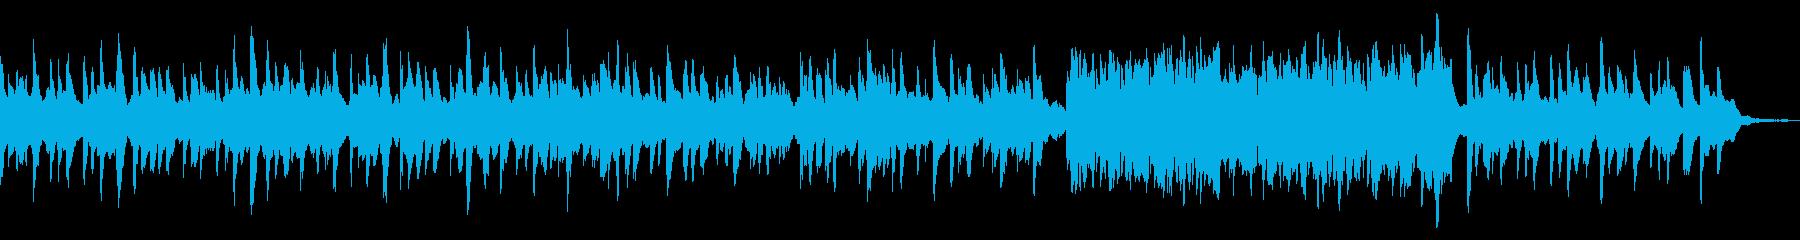 悲しく切ないオルゴールの再生済みの波形